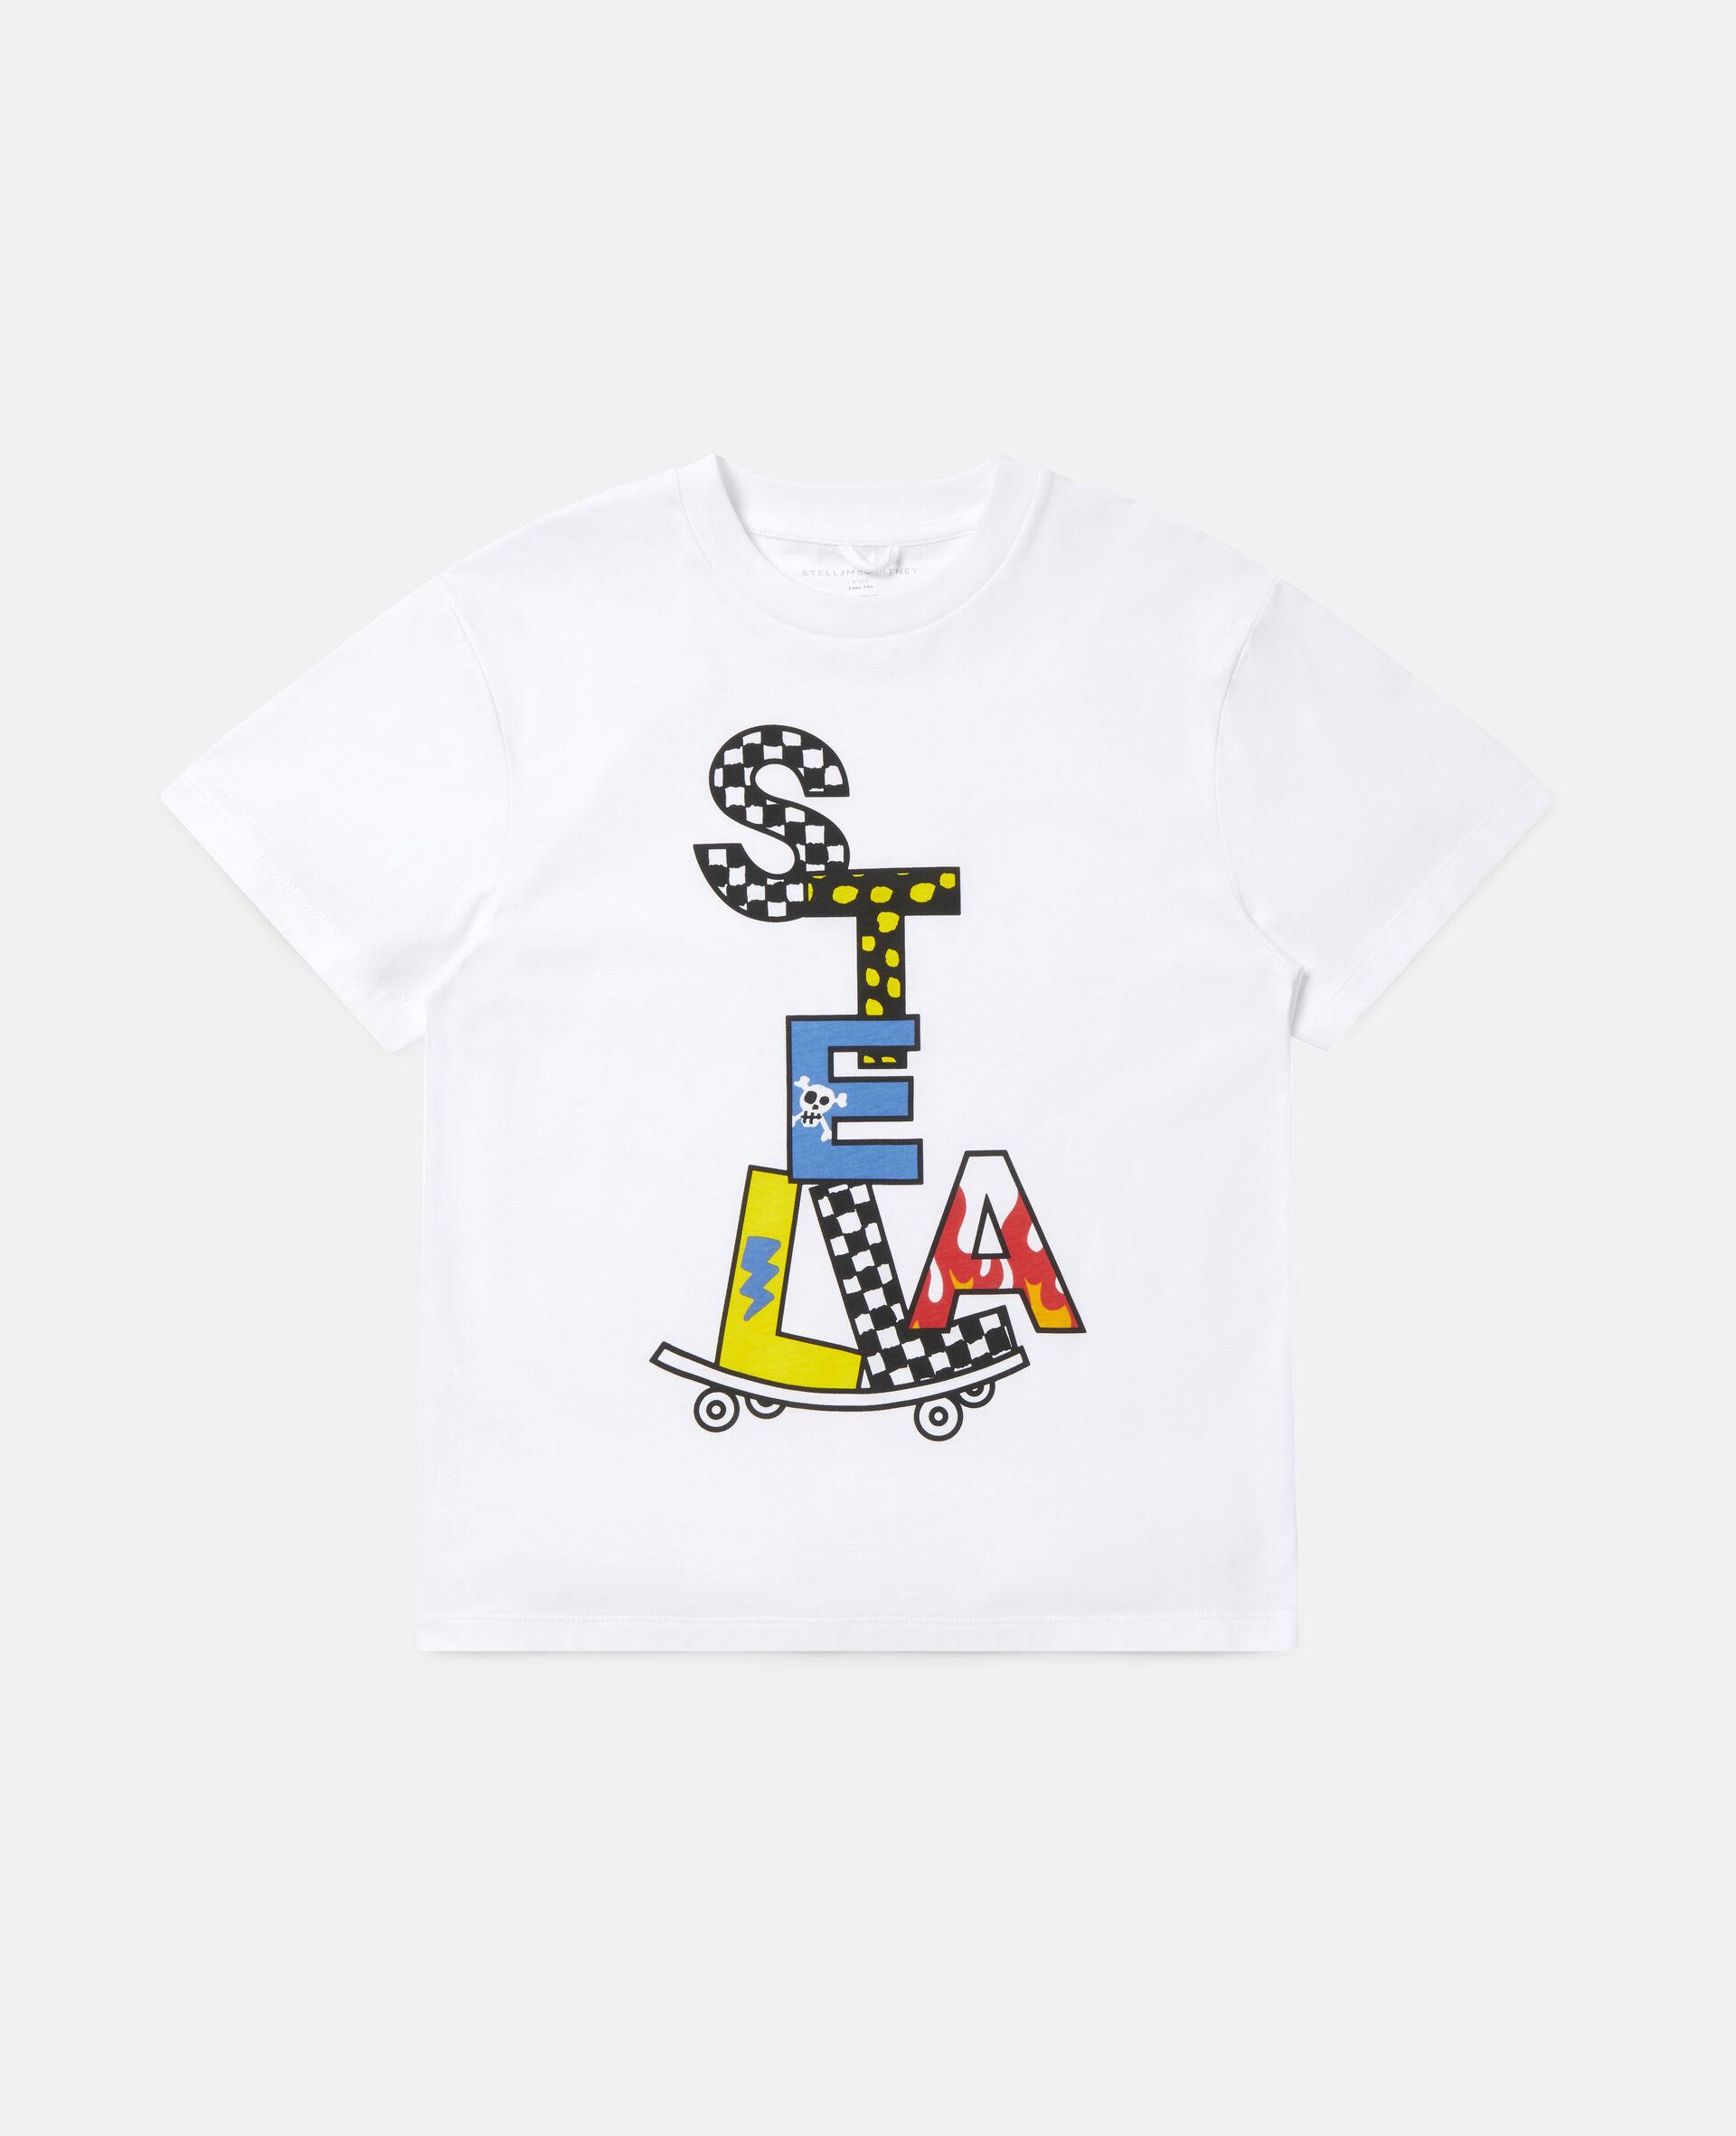 Stella滑板印花超大号棉质T恤 -白色-large image number 0